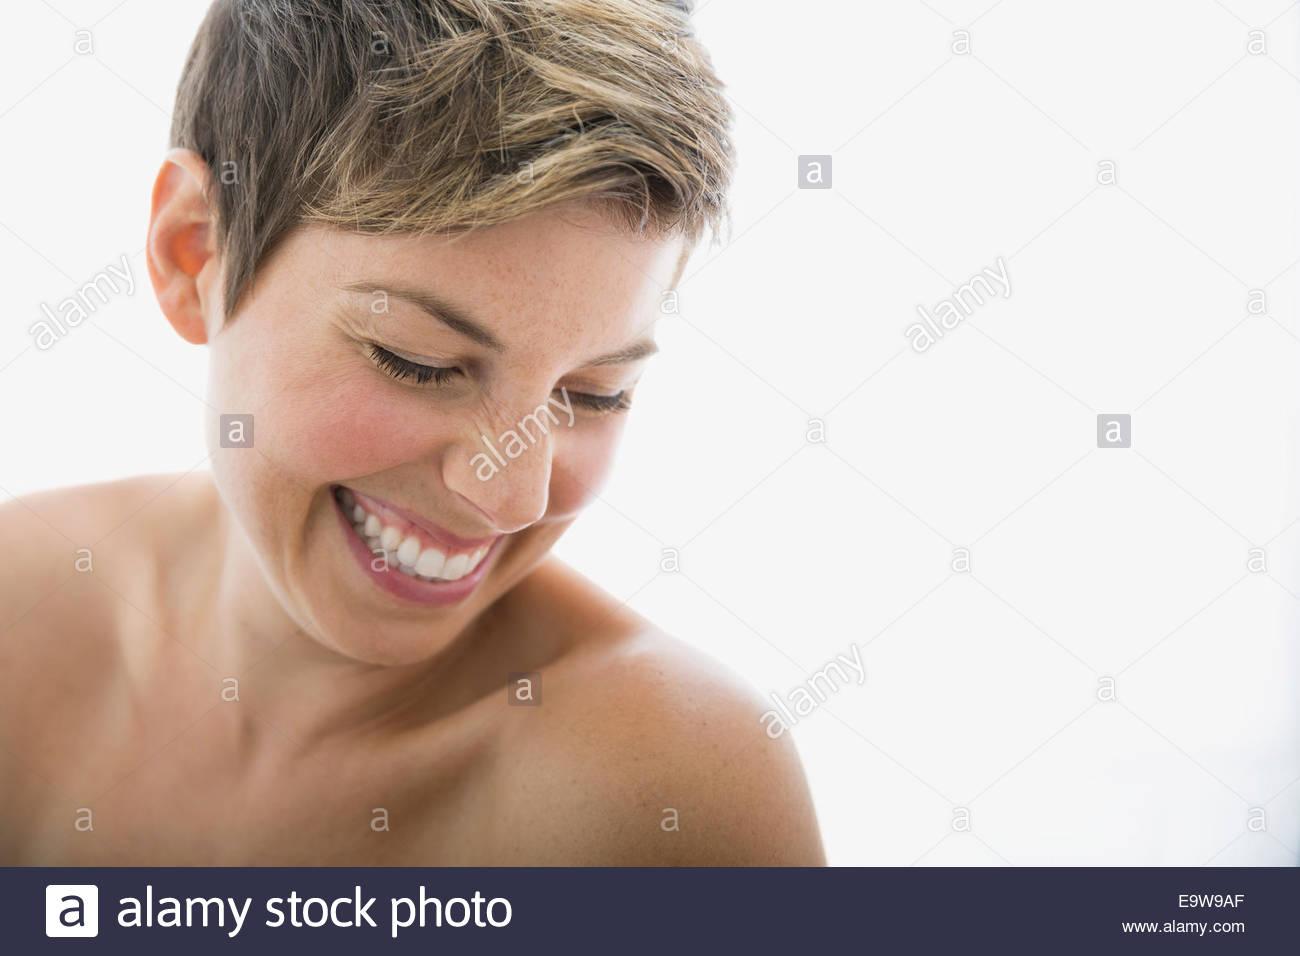 Laughing mujer con pecho desnudo mirando hacia abajo Imagen De Stock